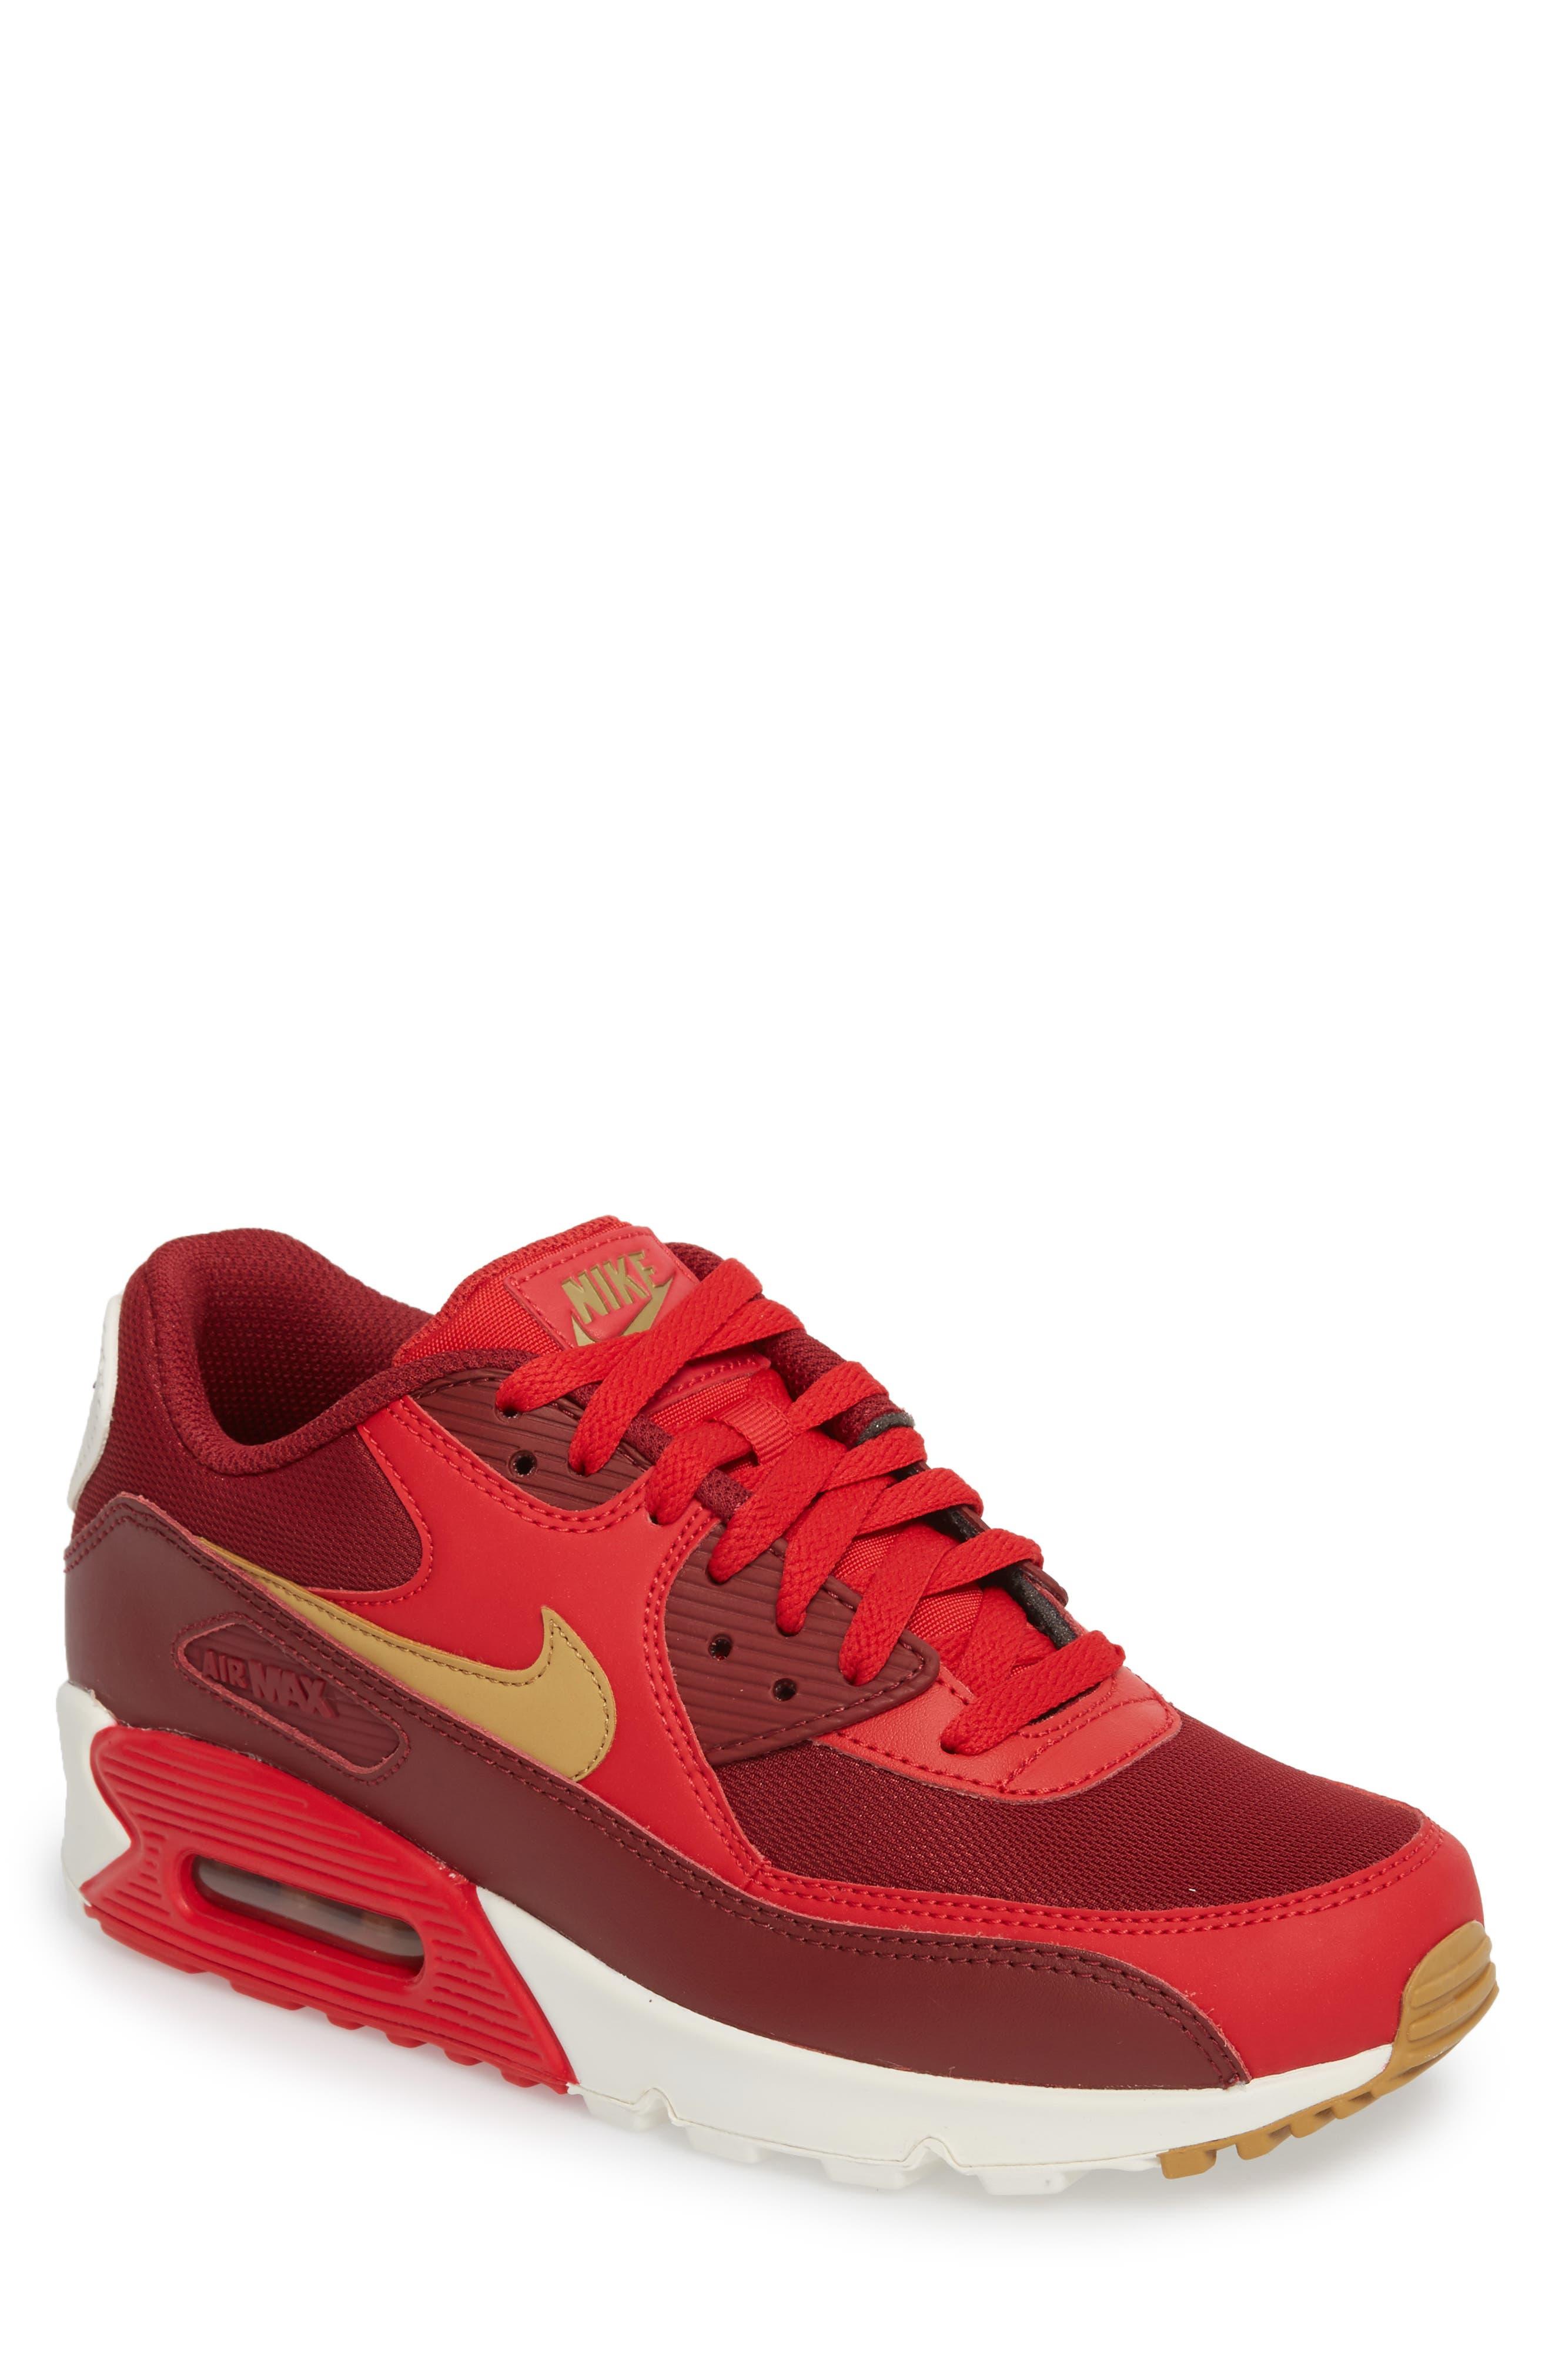 Main Image - Nike 'Air Max 90 Essential' Sneaker (Men)